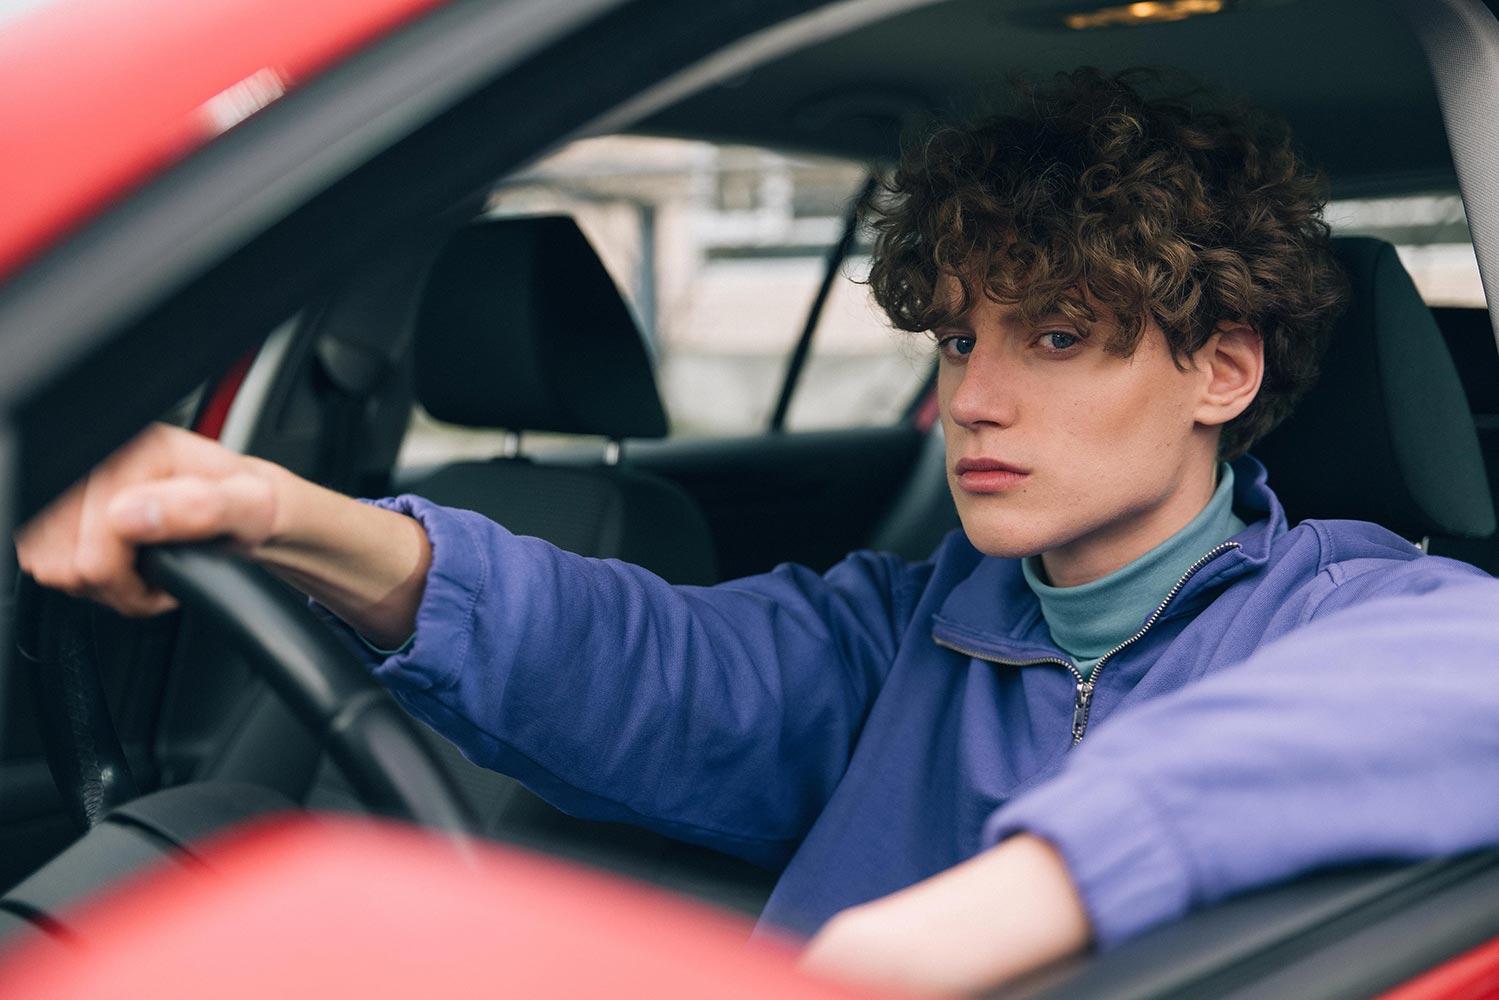 Aprendizaje de la conducción